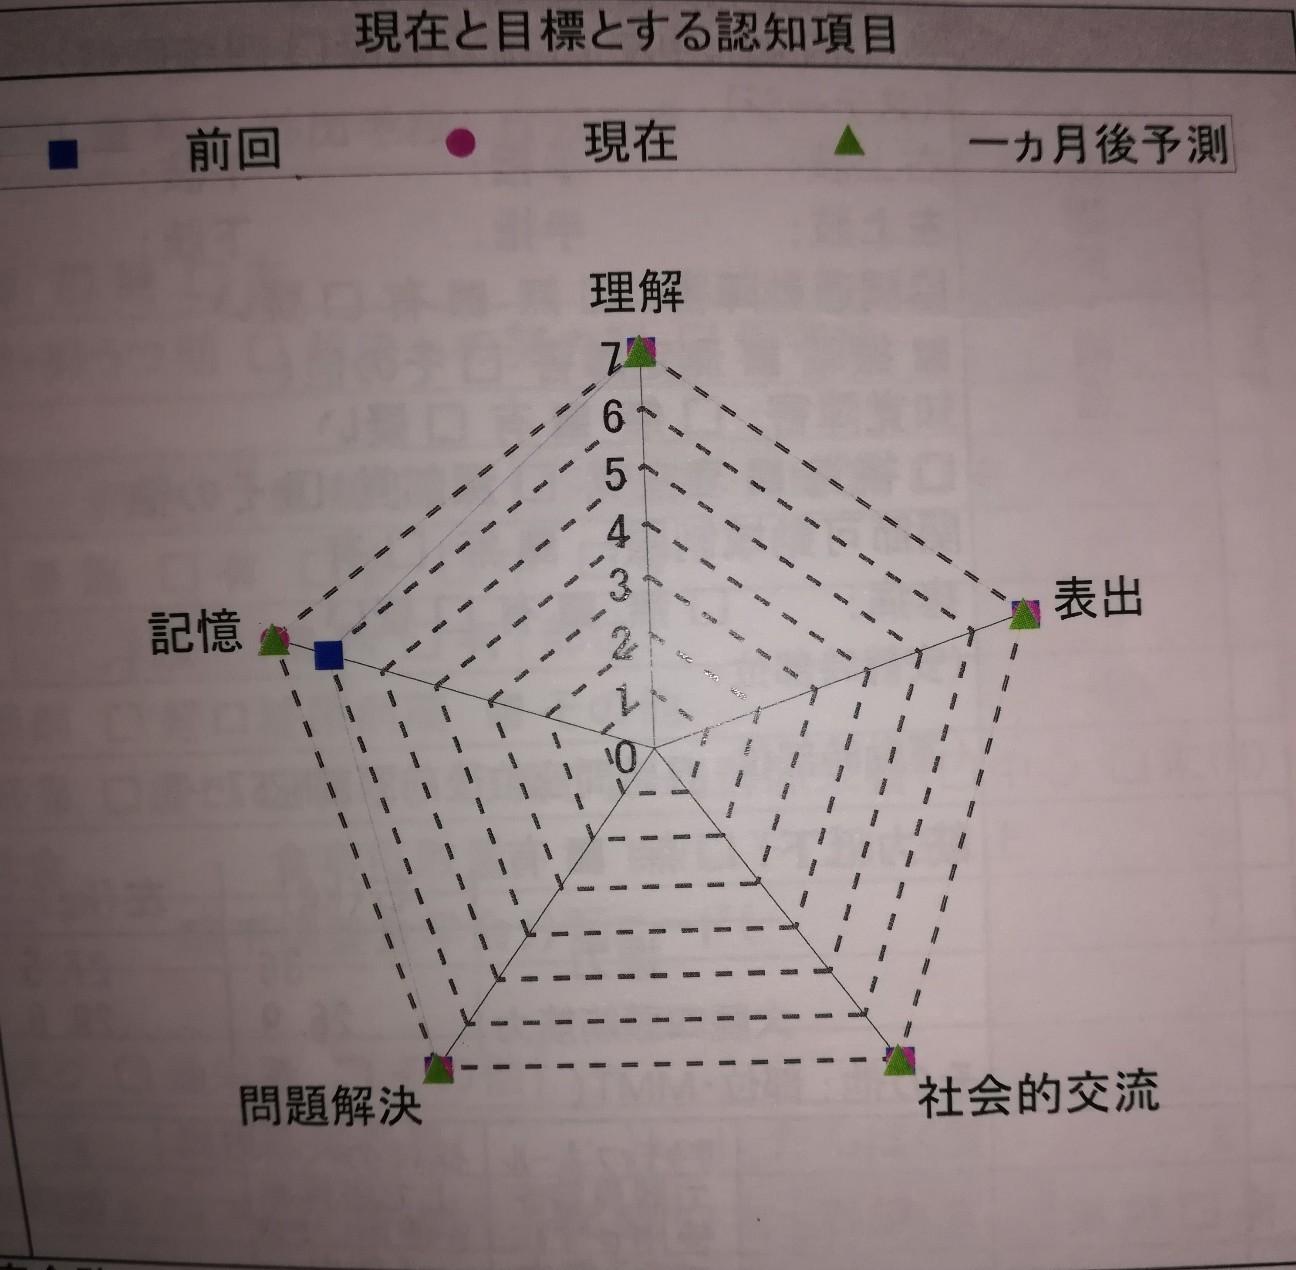 f:id:kh10060524:20200107162725j:plain